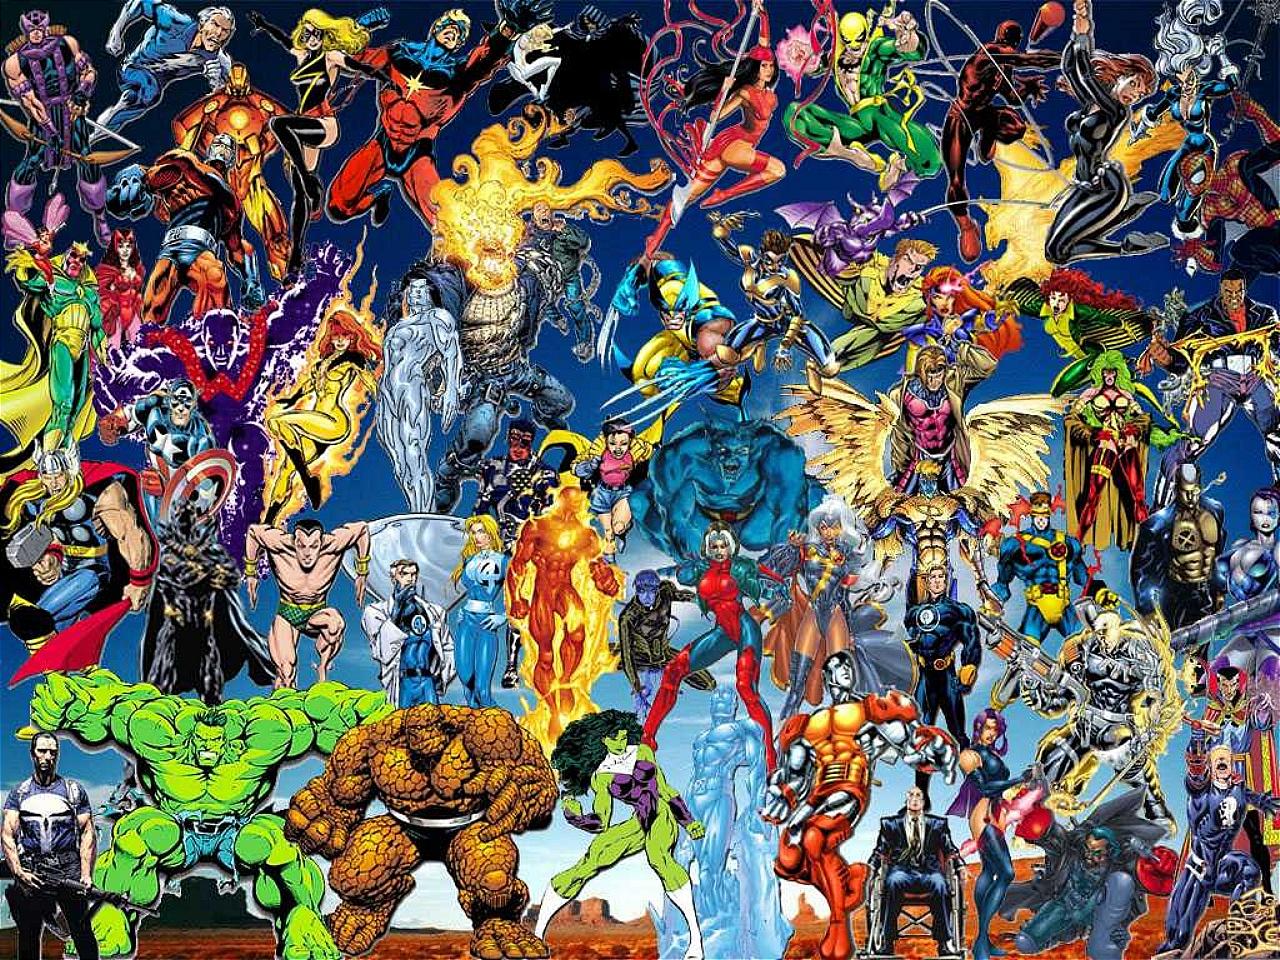 [35+] Free Comic Book Wallpaper on WallpaperSafari